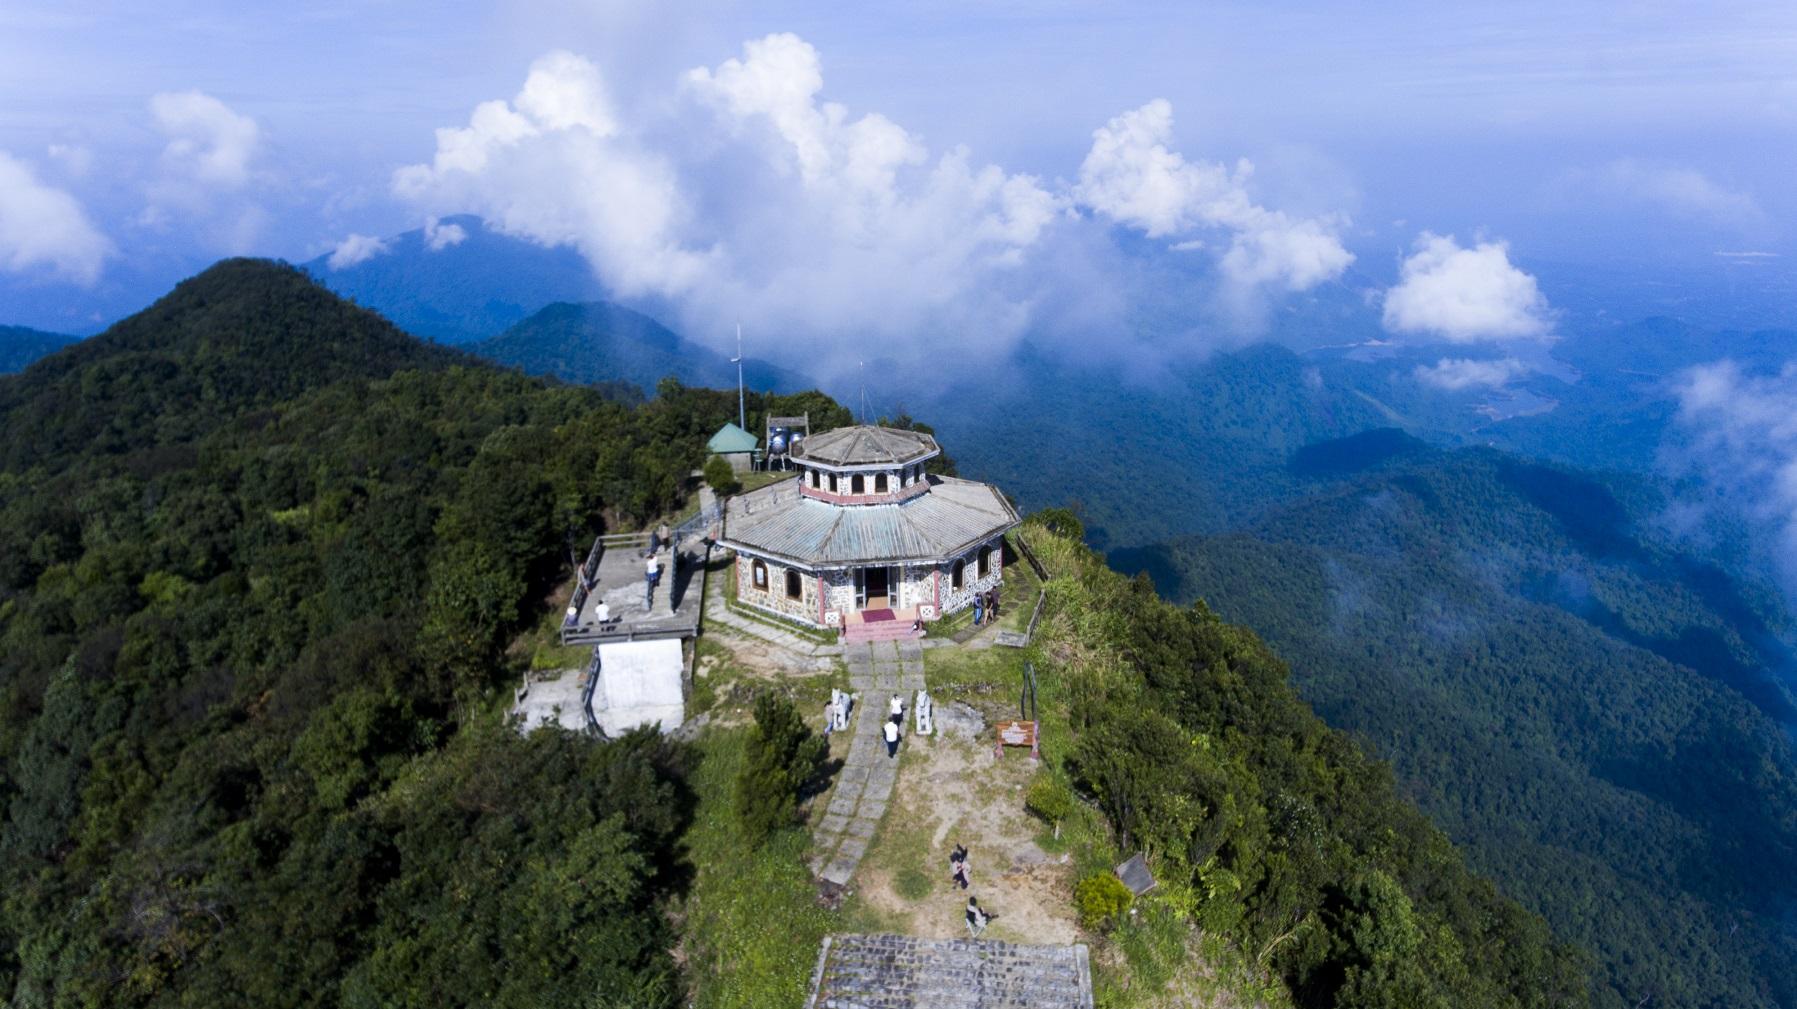 VQG Bạch Mã Huế – Khám phá thiên nhiên hoang sơ